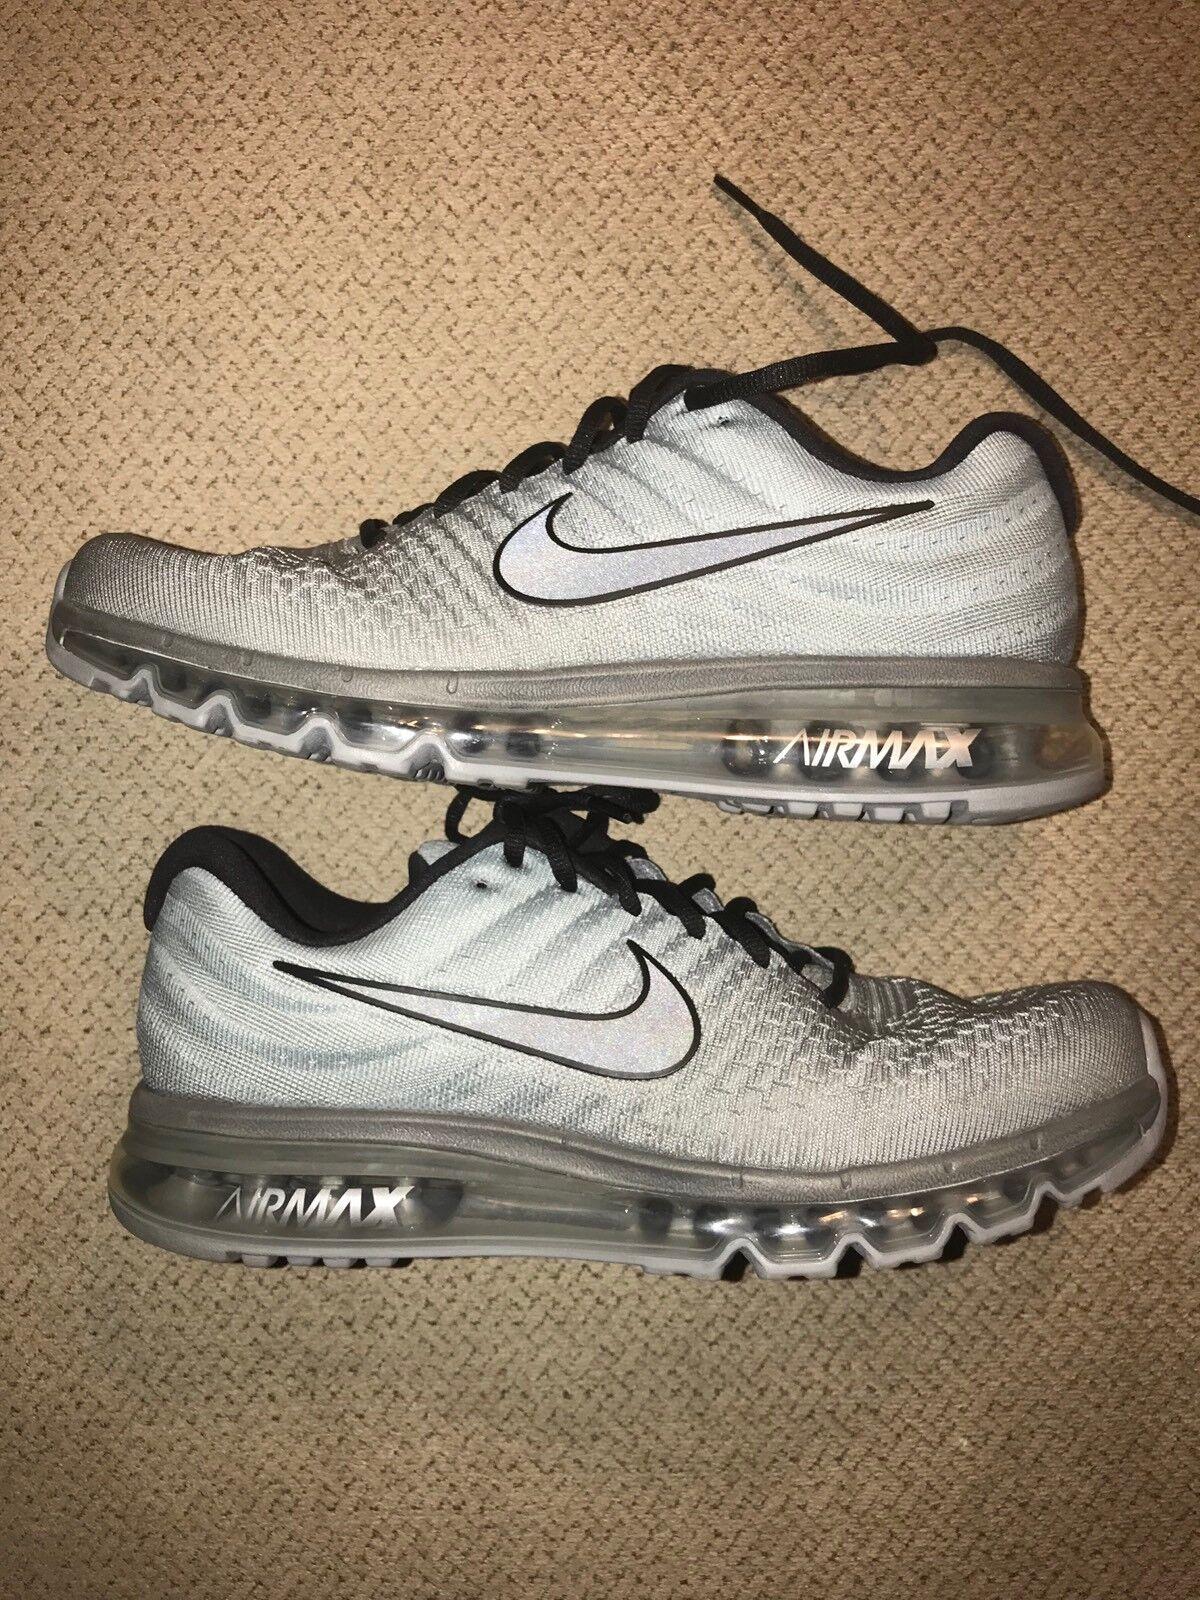 Nike air max 003] degli uomini '11 nerostealth [849559 003] max in grigio c6a12c